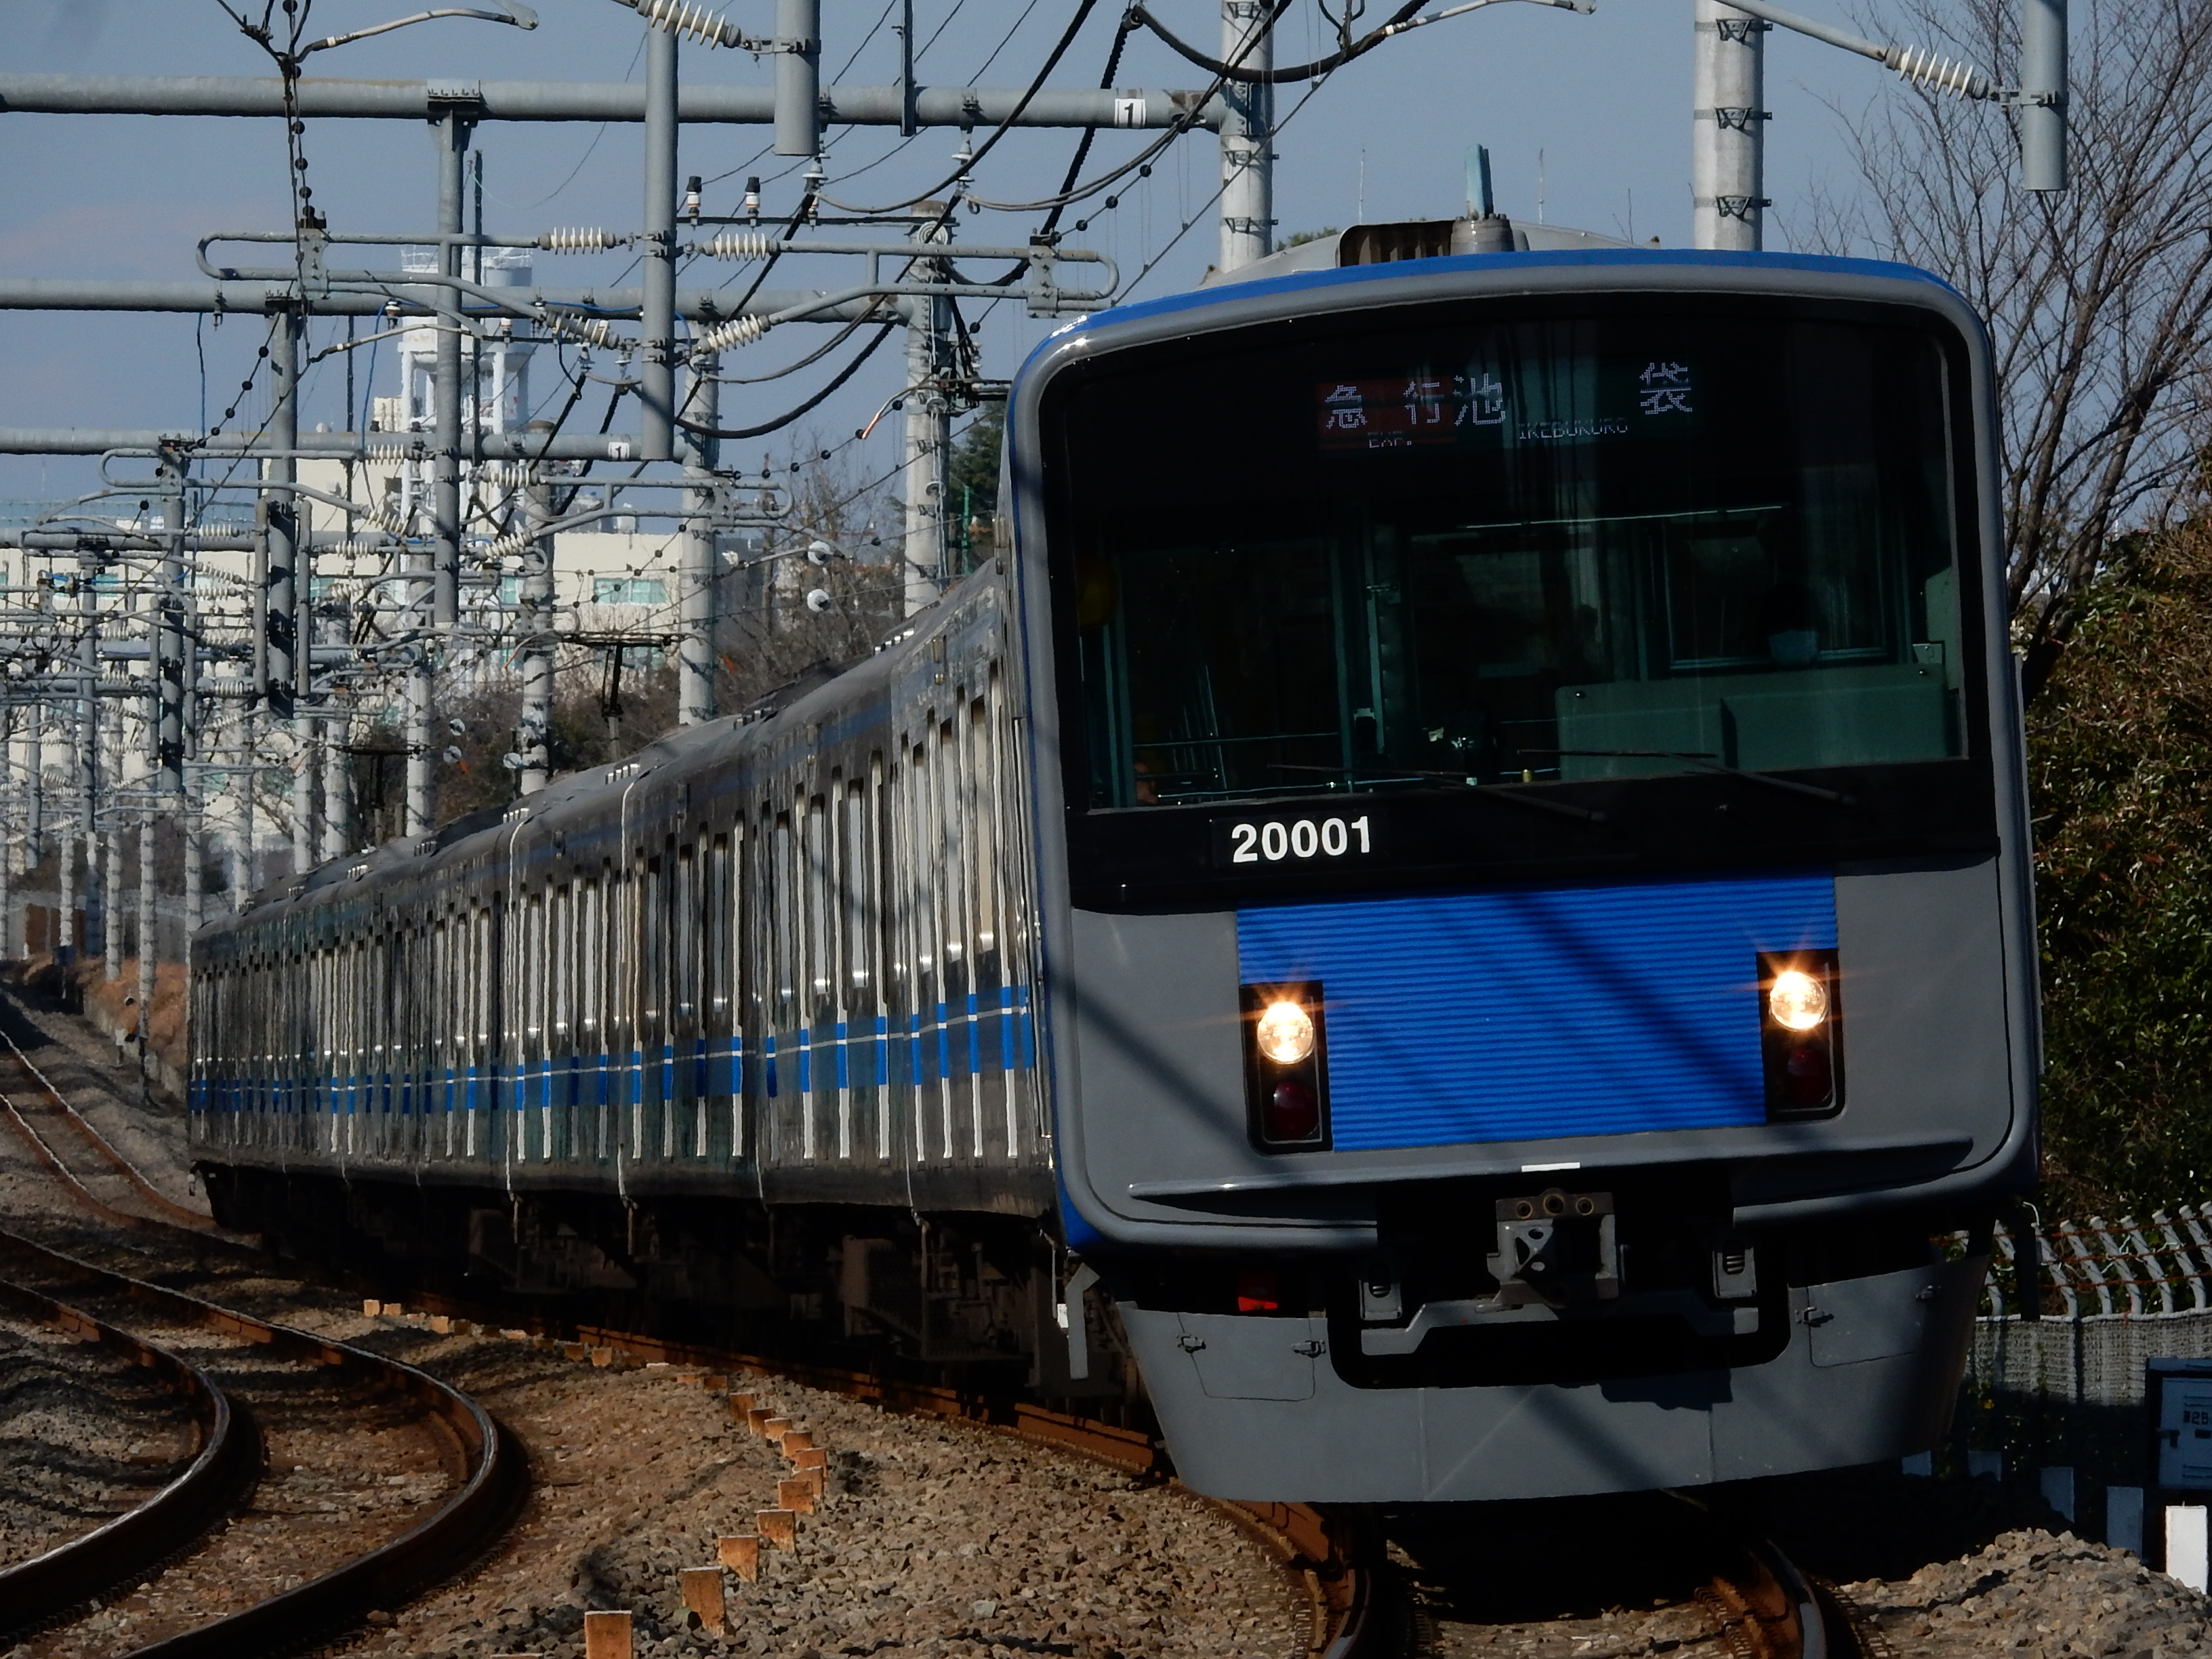 DSCN8755.jpg